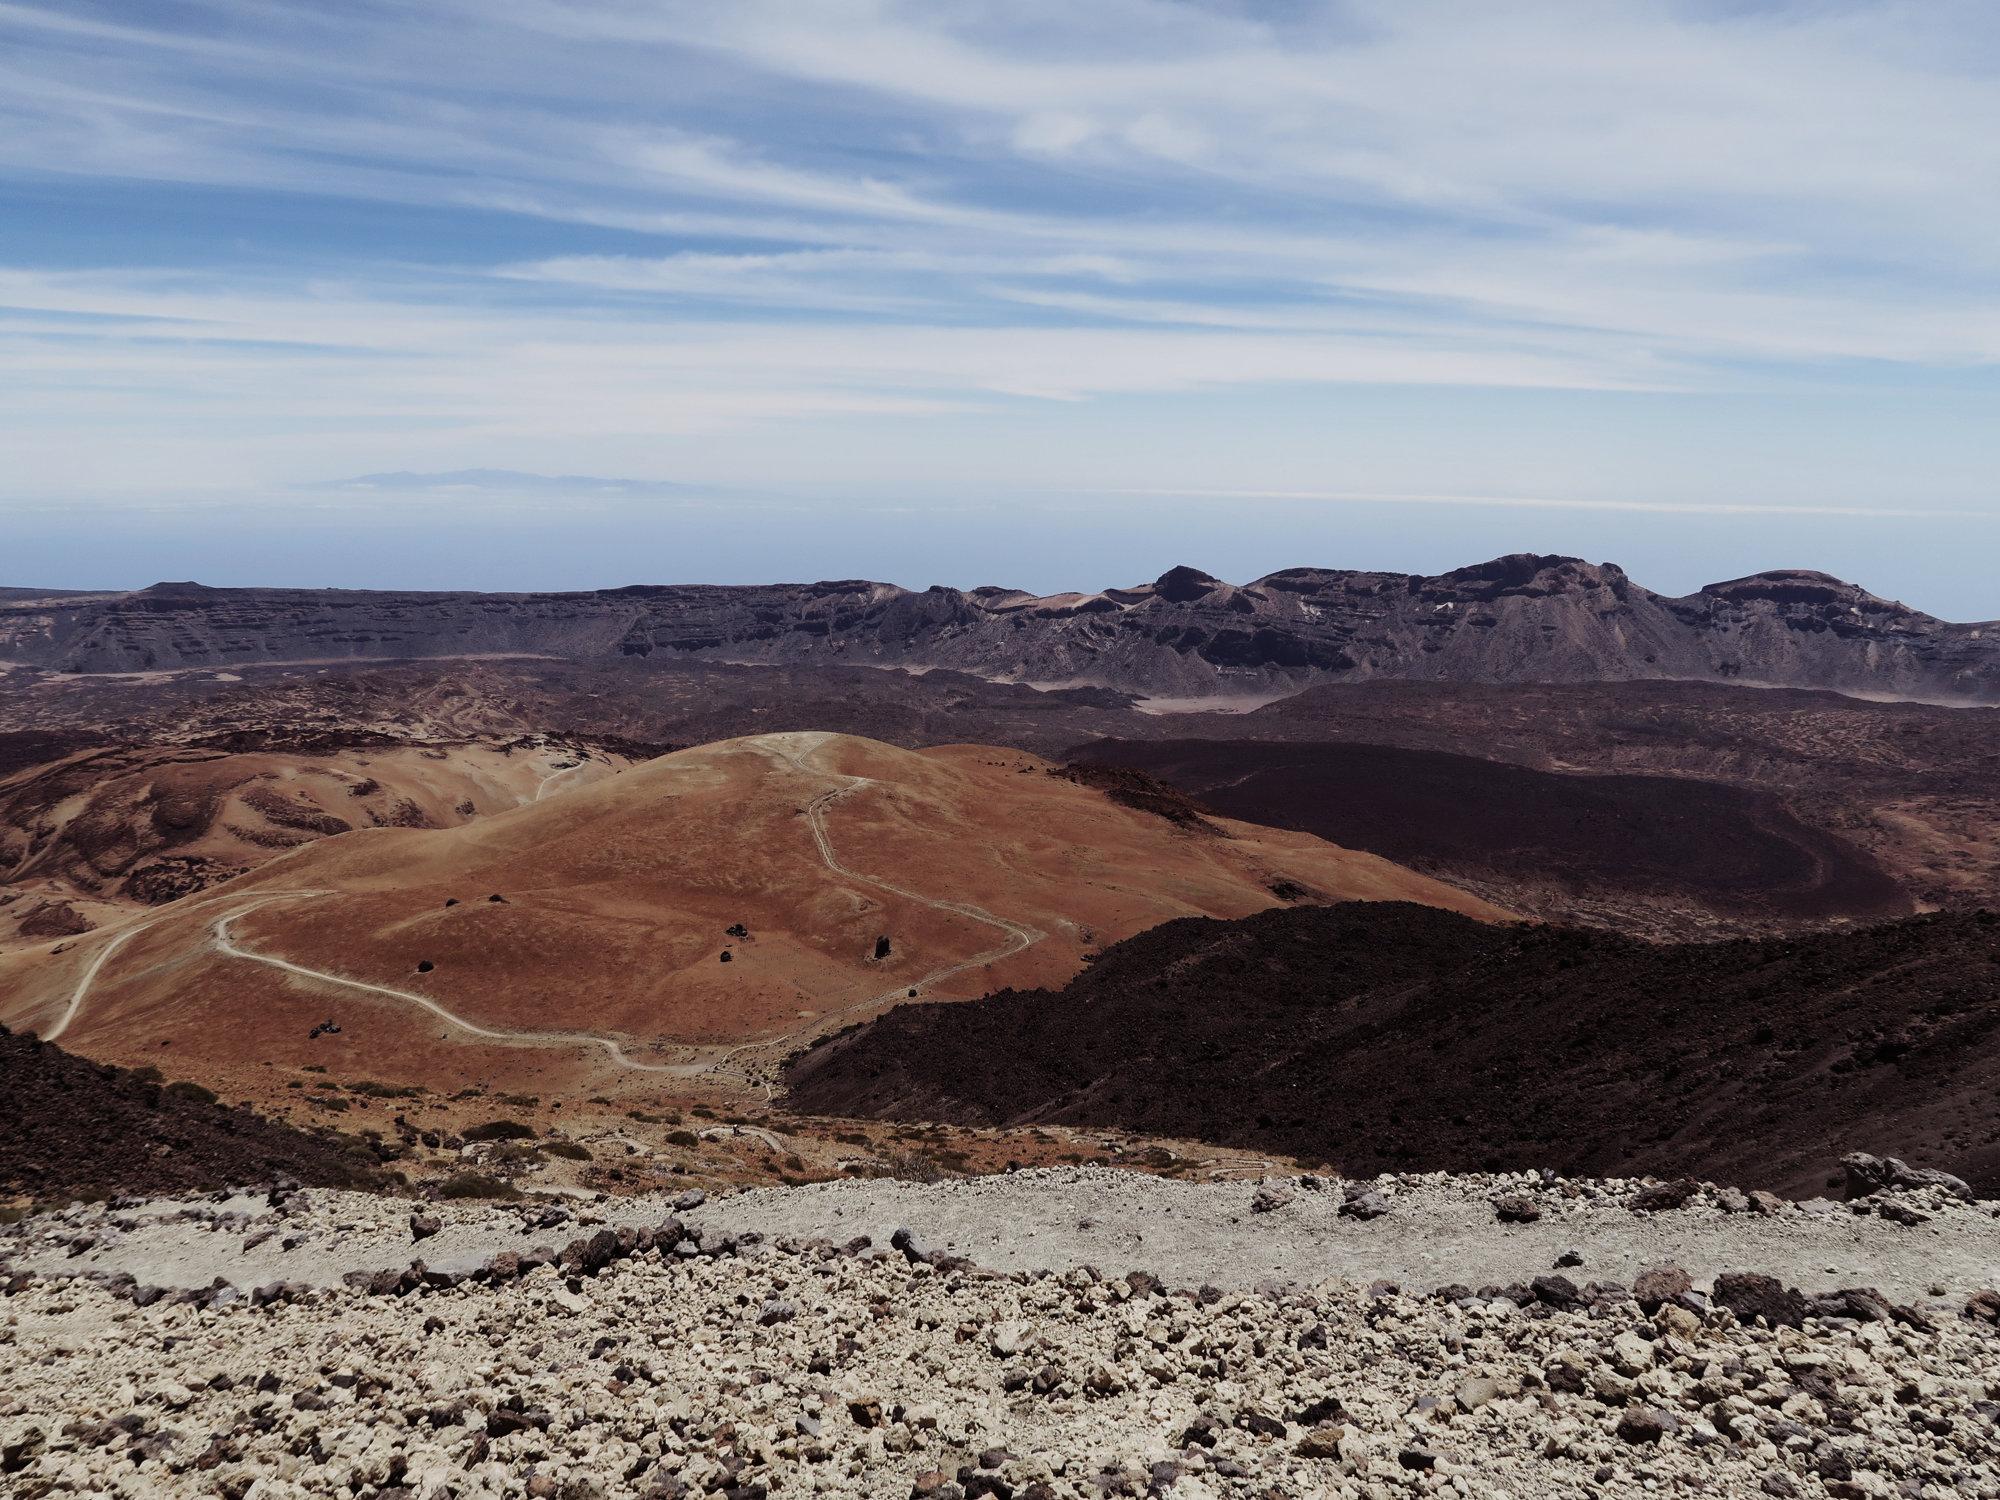 Blick zurück auf dem Montana Blanca Gipfel und den Caldera Rand, Teide Nationalpark, Teneriffa